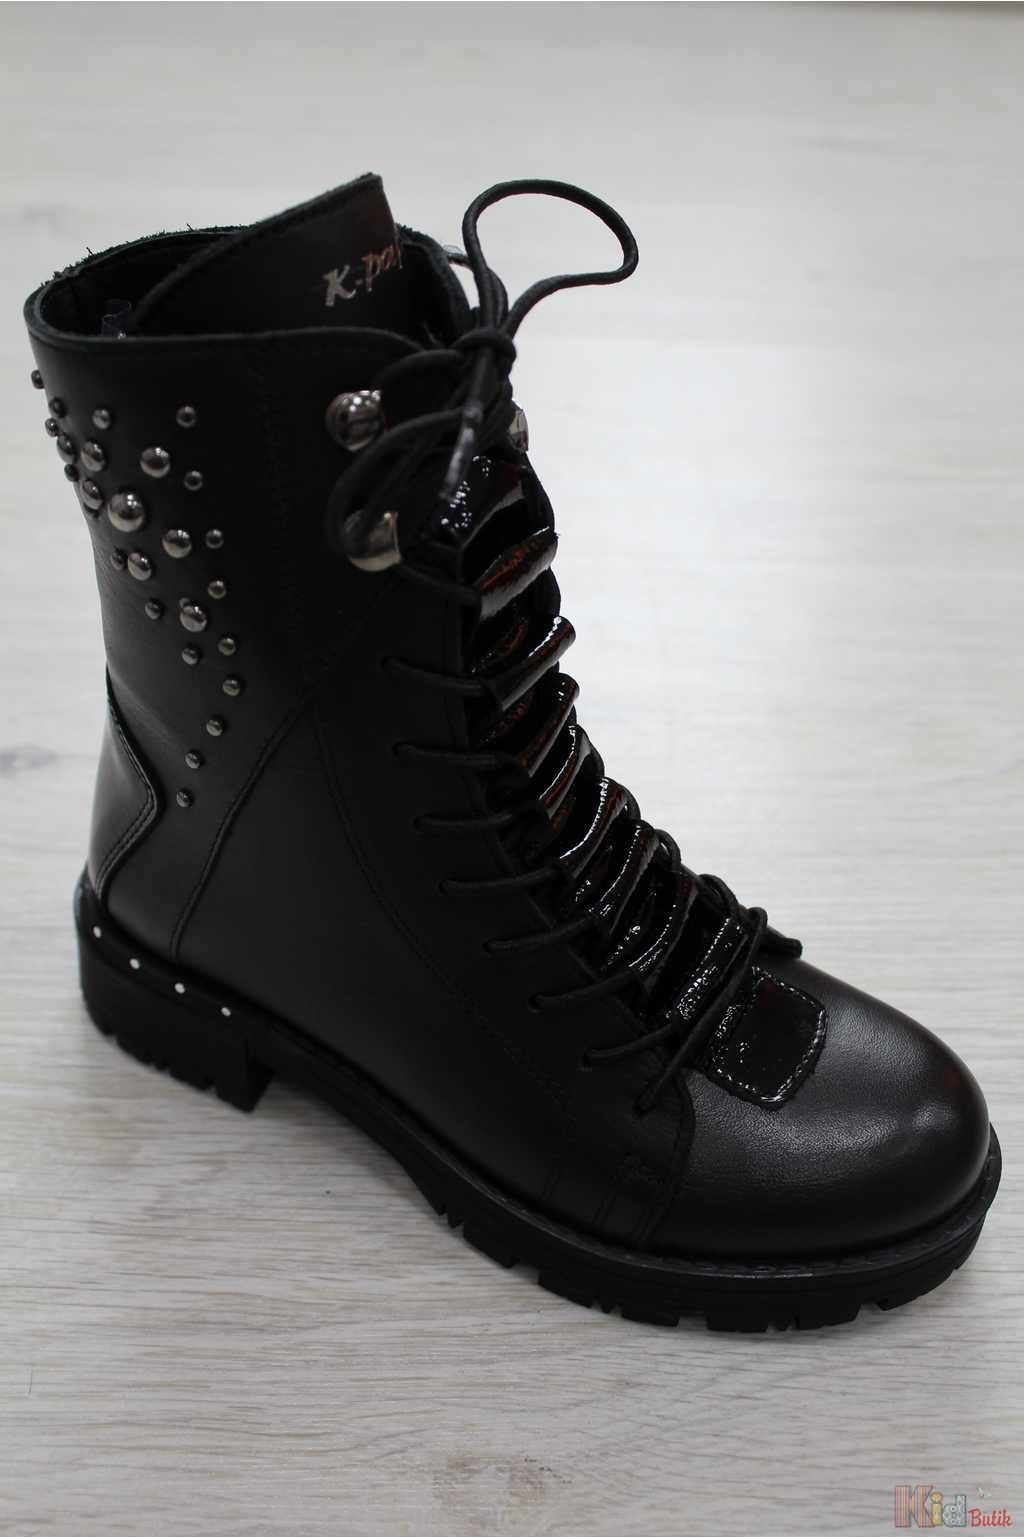 a7cabab244eca5 Черевики демісезонні чорного кольору з заклепками Kemal Pafi  КР18-101.38160/3(21чор.